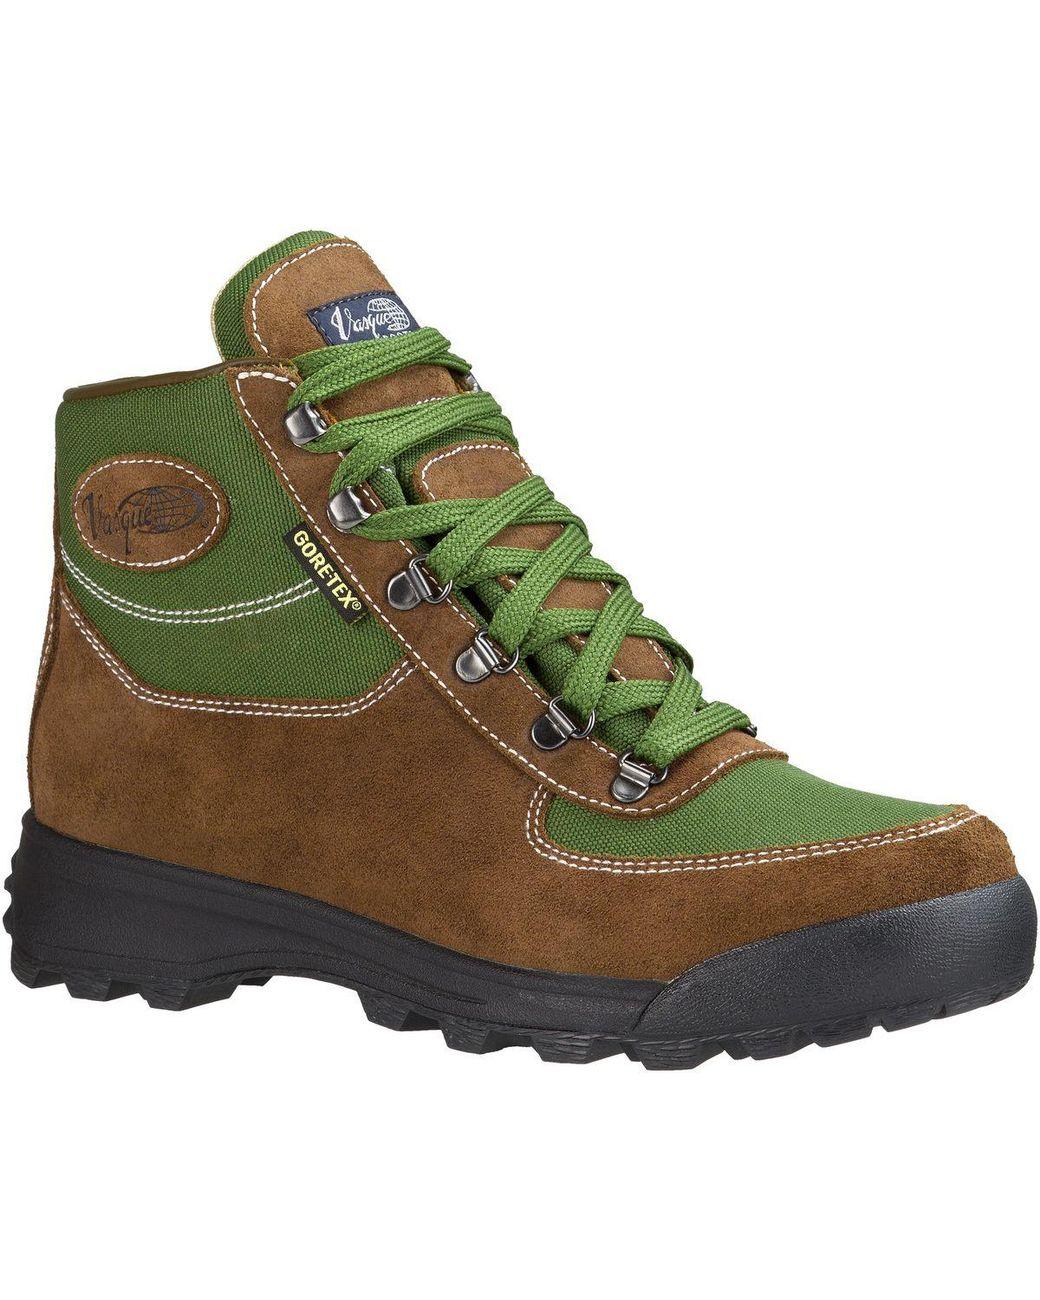 4e7a7e3b124 Men's Green Skywalk Gtx Hiking Boot